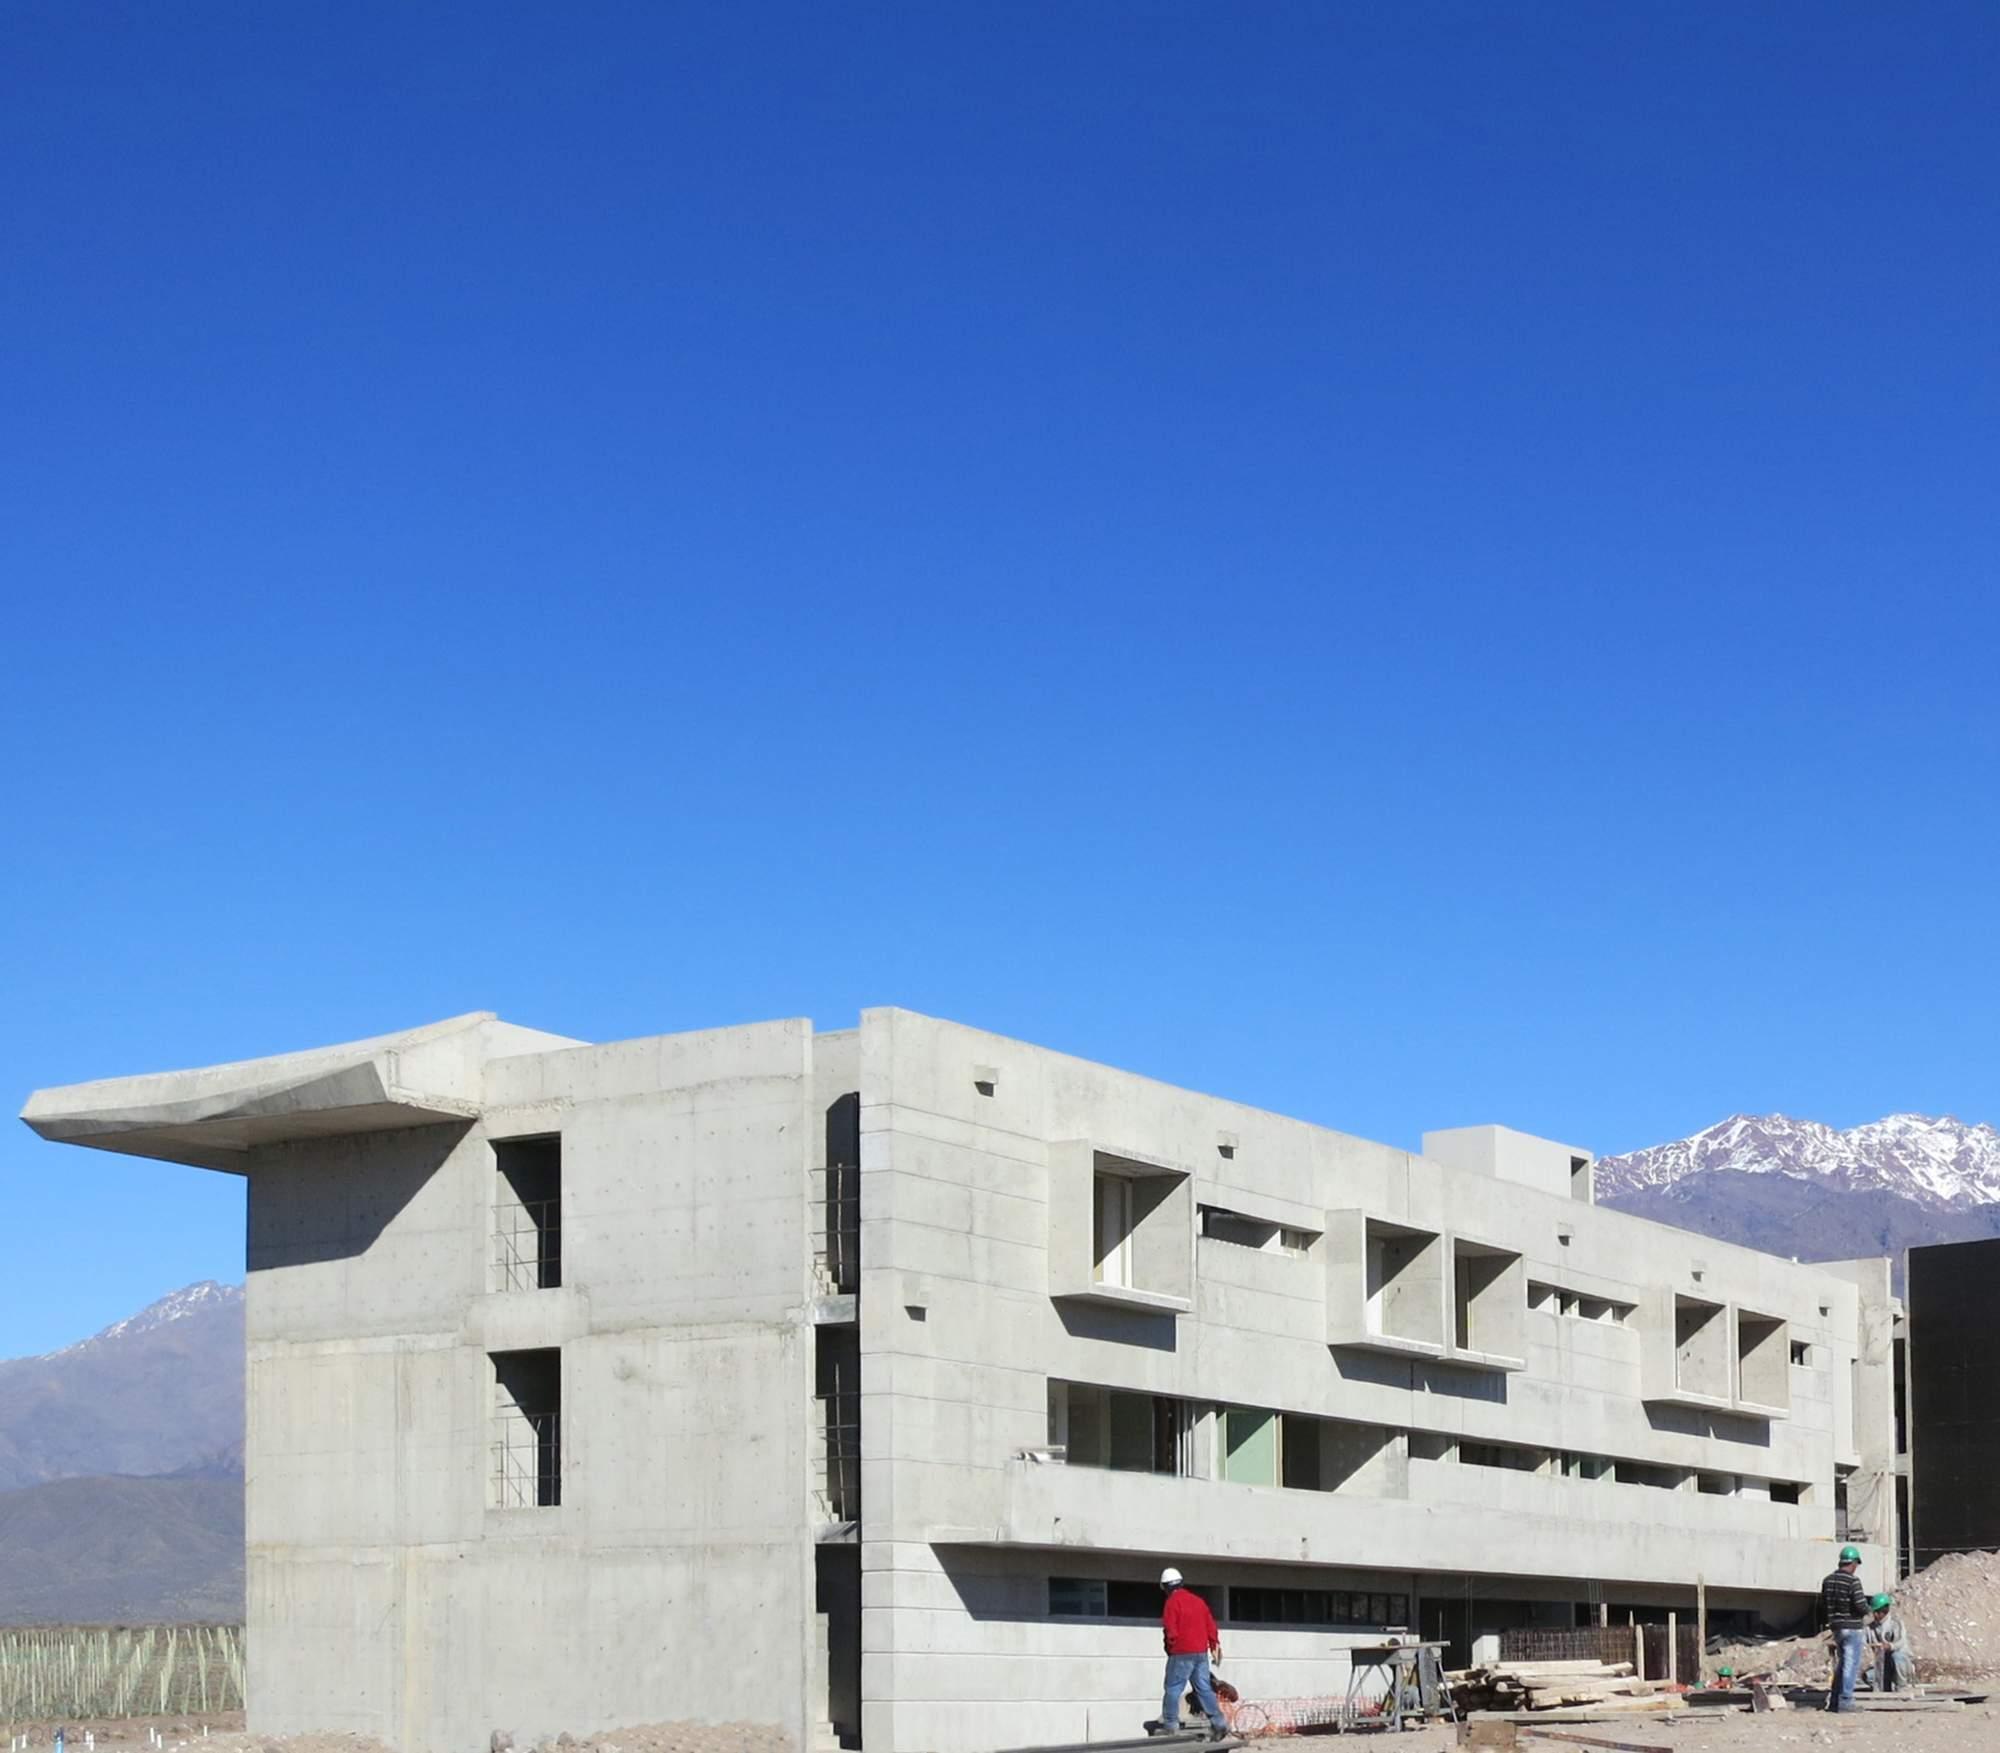 Курортный отель House of Uco в Аргентине